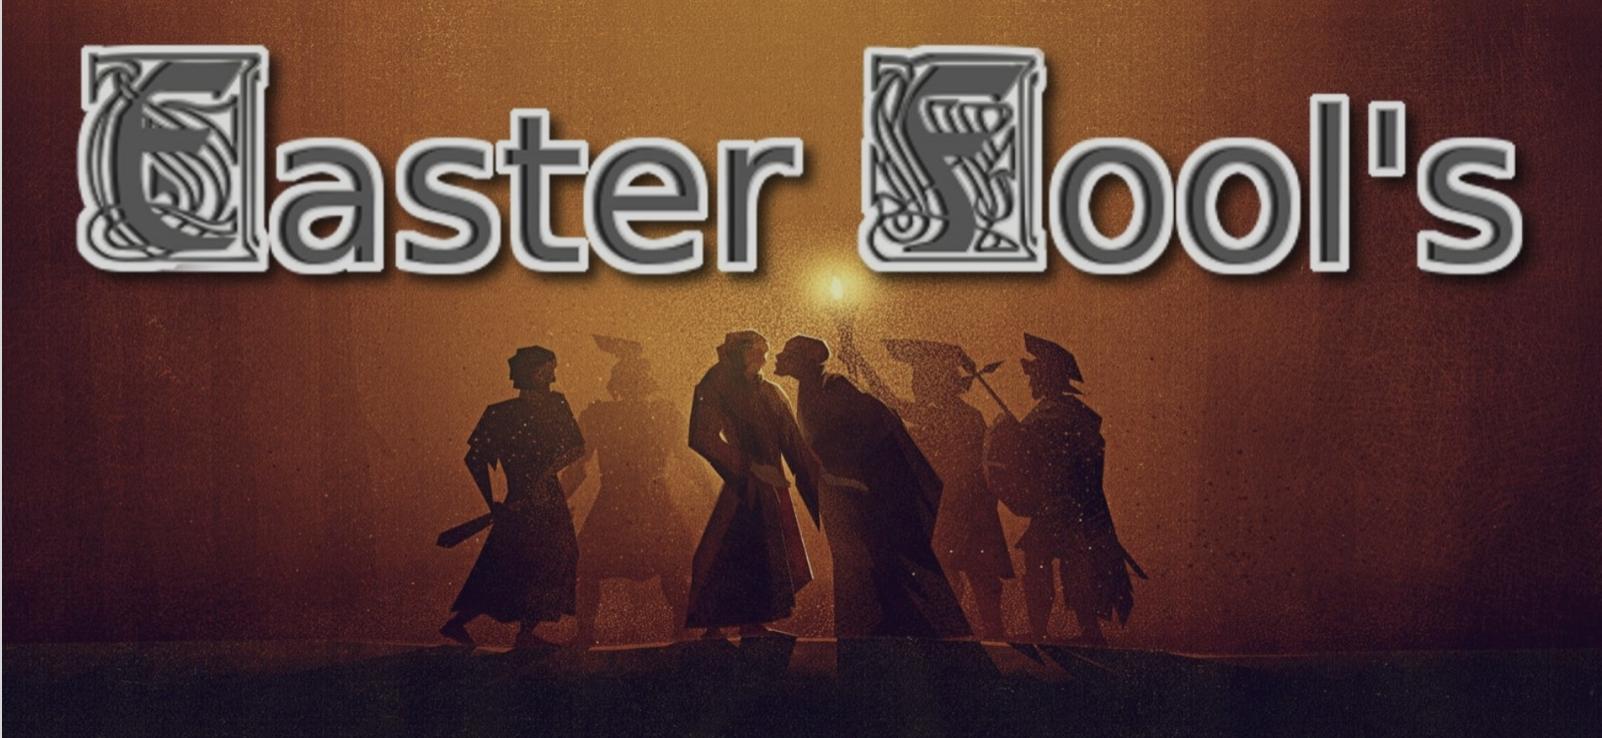 Easter Fools - March 18, 2018 - April 8, 2018